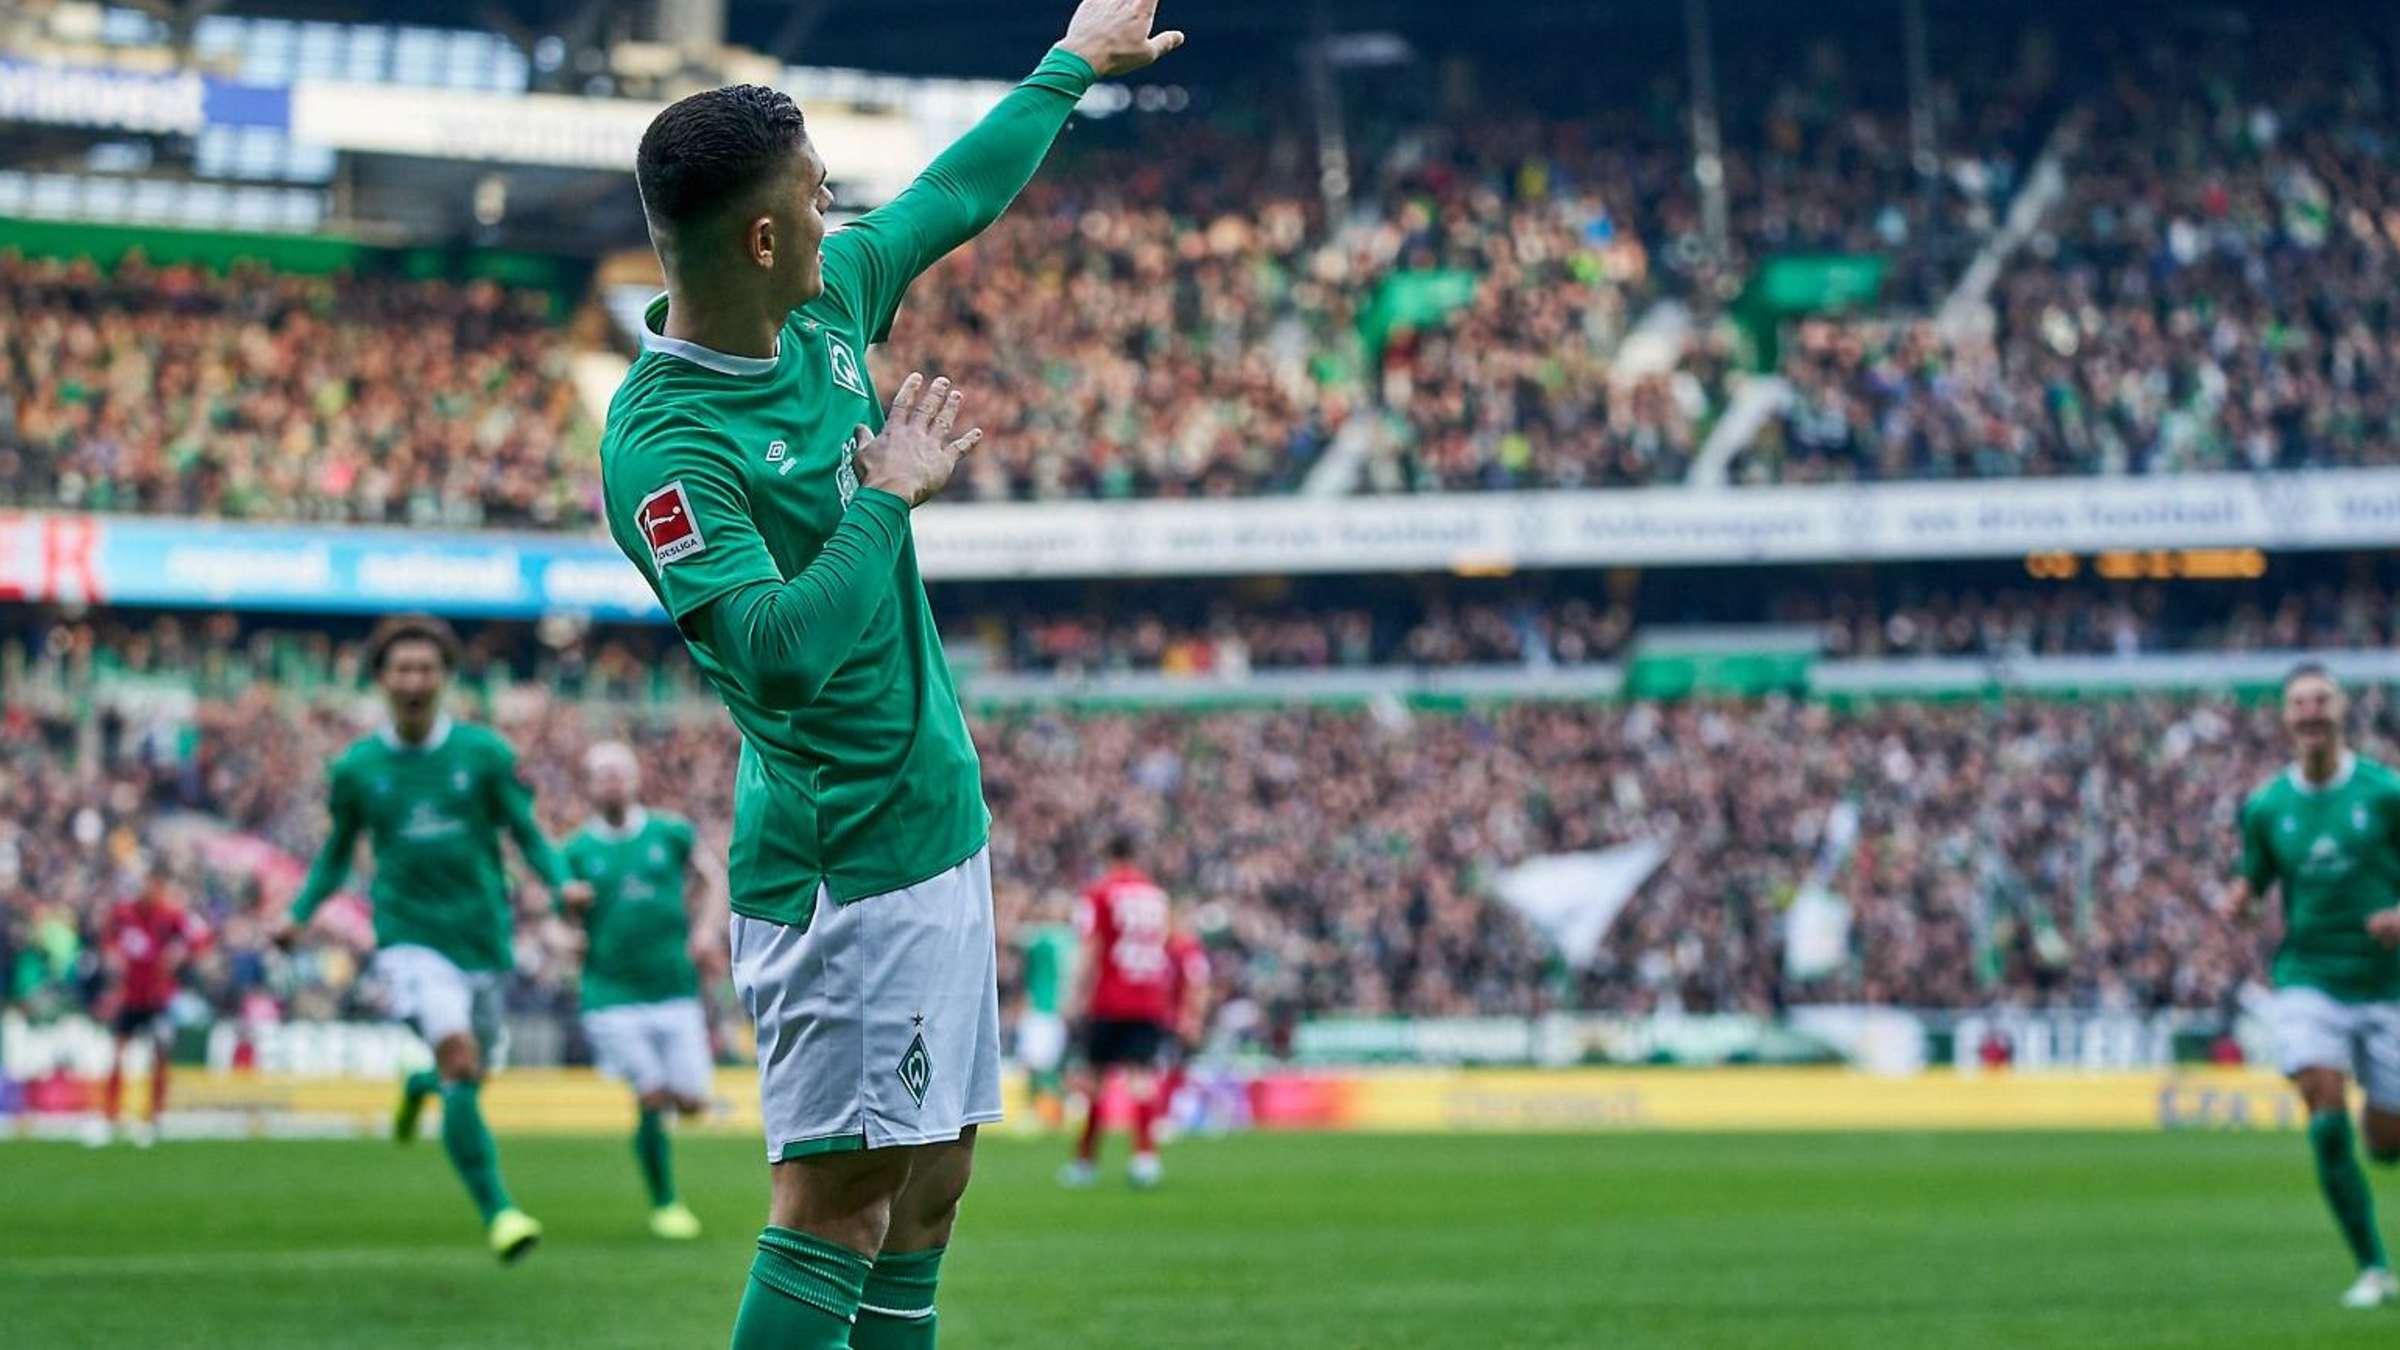 Werder Bremen Vs Schalke 04 Live Im Tv Live Stream